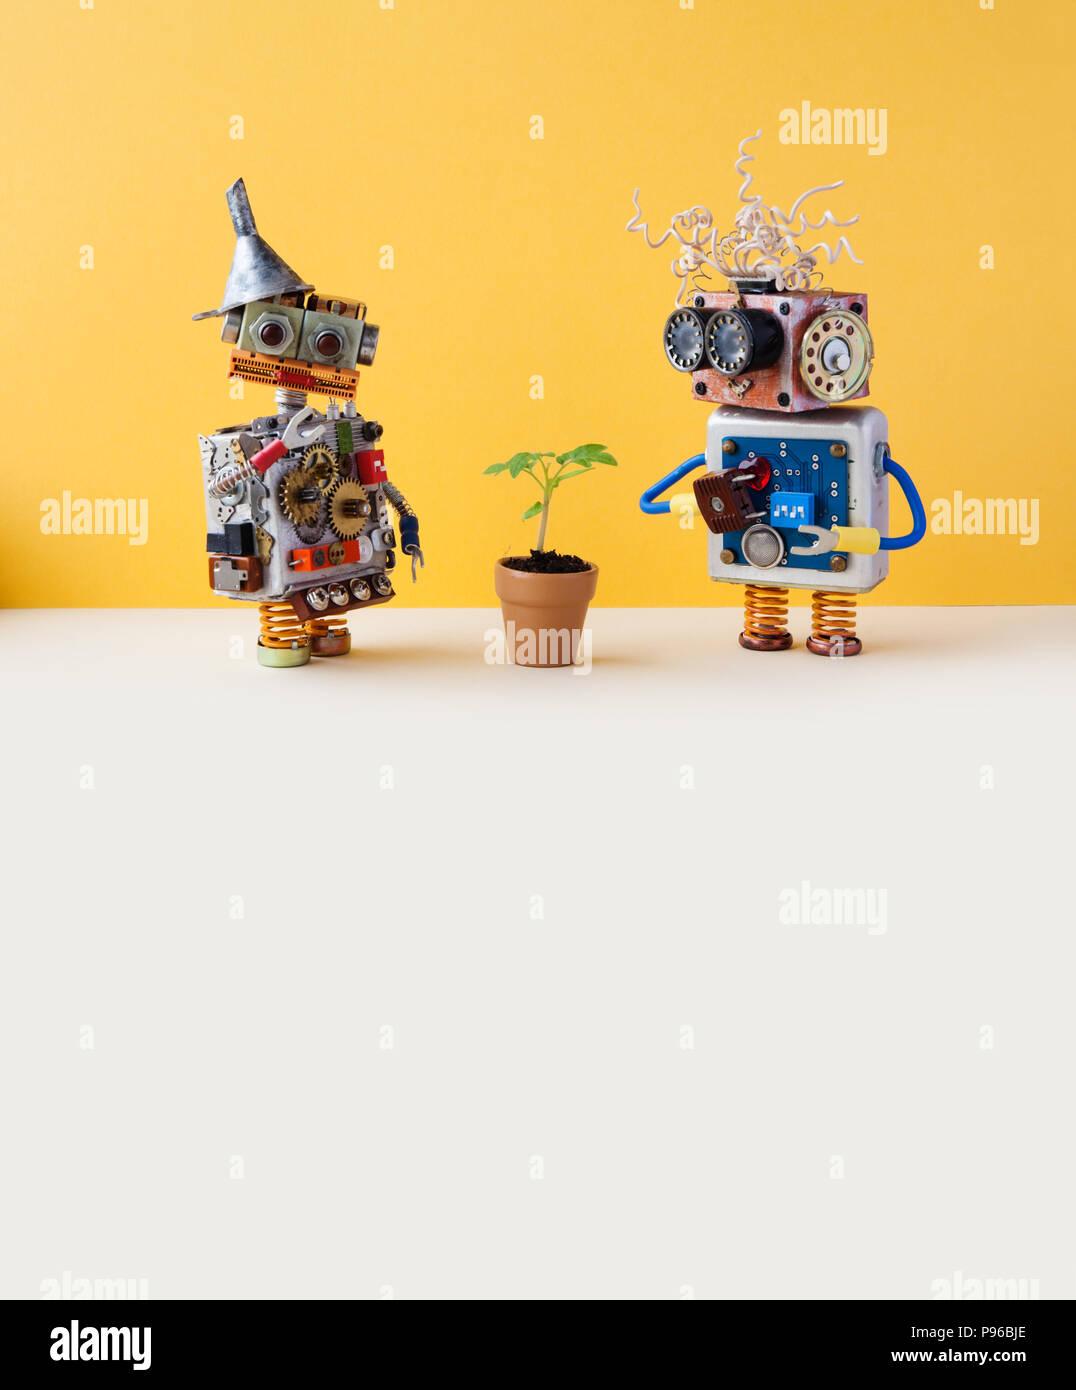 Zwei freundliche Roboter und grüne Pflanze in einer Blume Tontopf. Technologie im Vergleich zu organischen Lebens Anlagenkonzept. Gelbe Wand, Hintergrund, weiße Stock. Kopieren Sie Platz. Stockbild